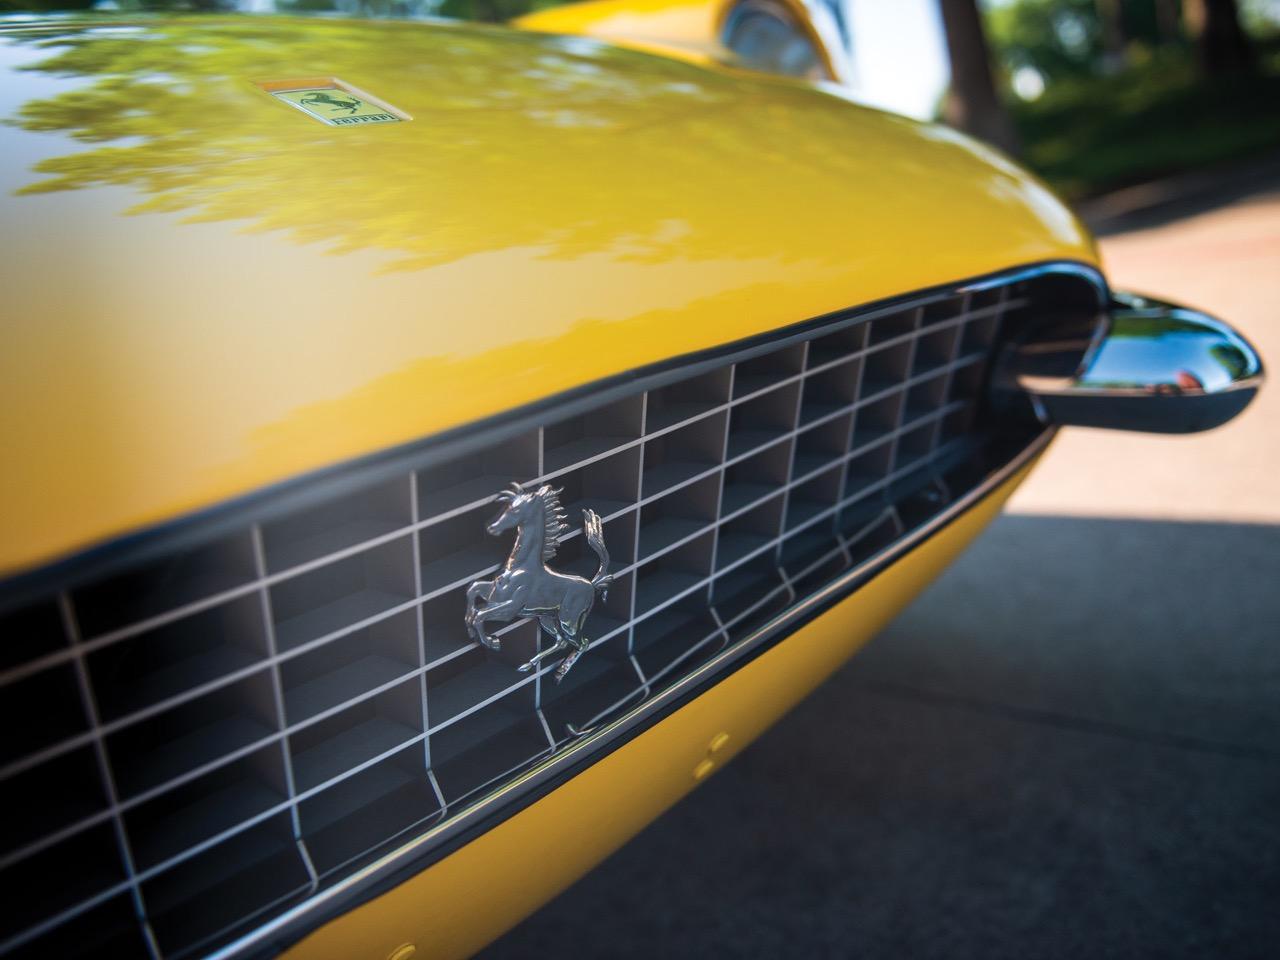 '68 Ferrari 365 GT 2+2 - Le charme des familiales ! 35